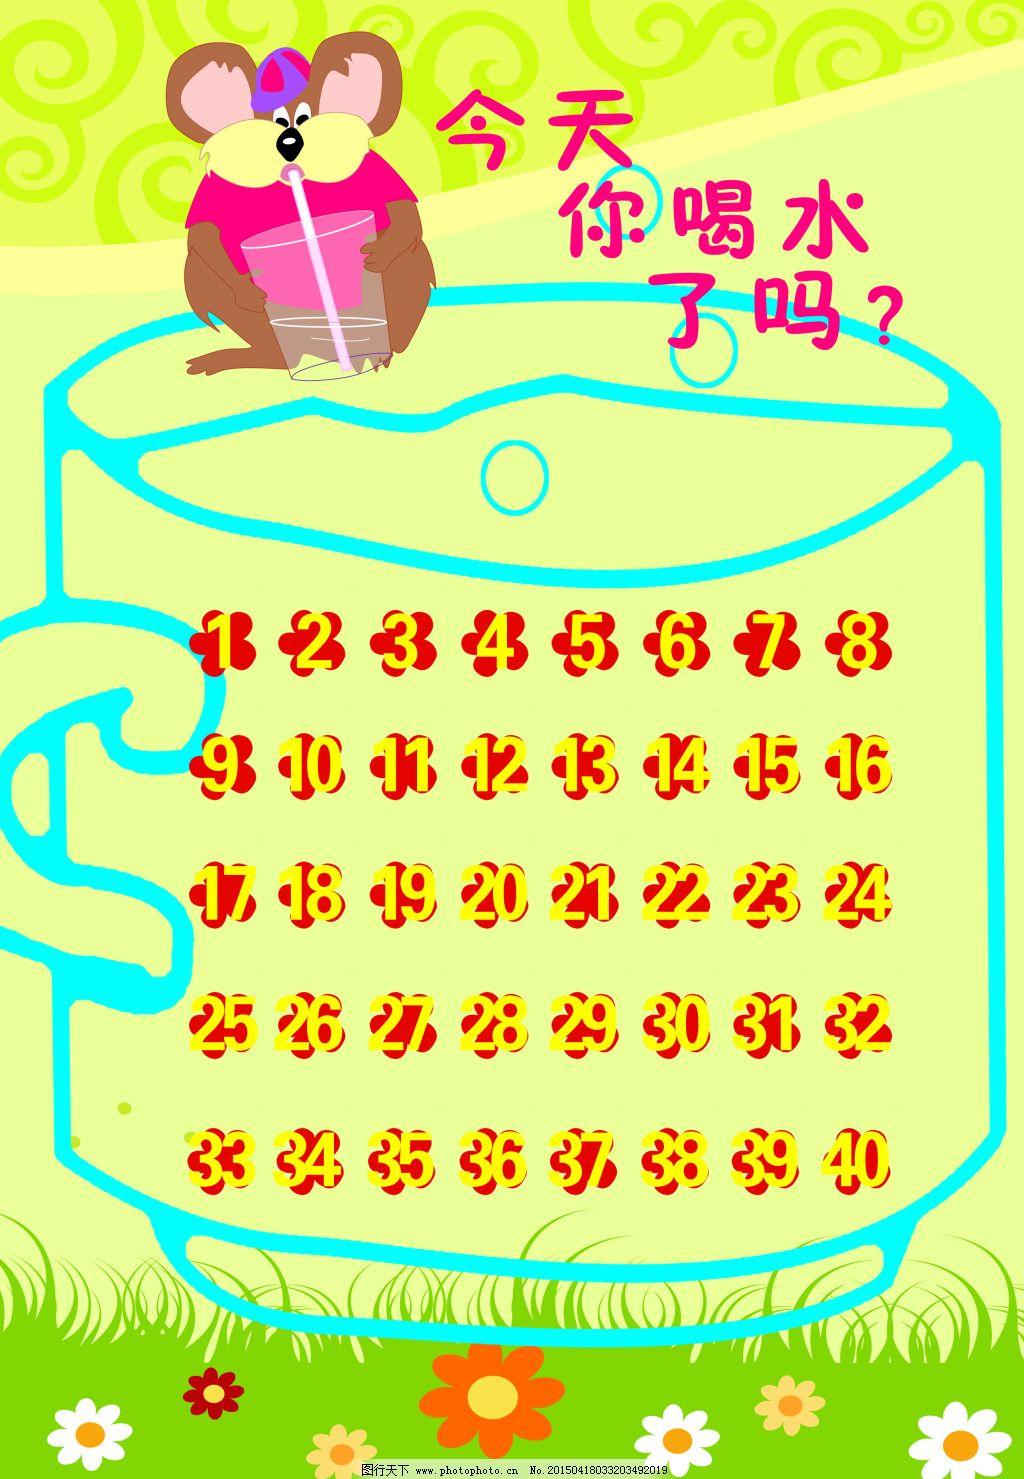 杯子      喝水 卡通 绿地 小熊 幼儿园 杯子 幼儿园      喝水 绿地